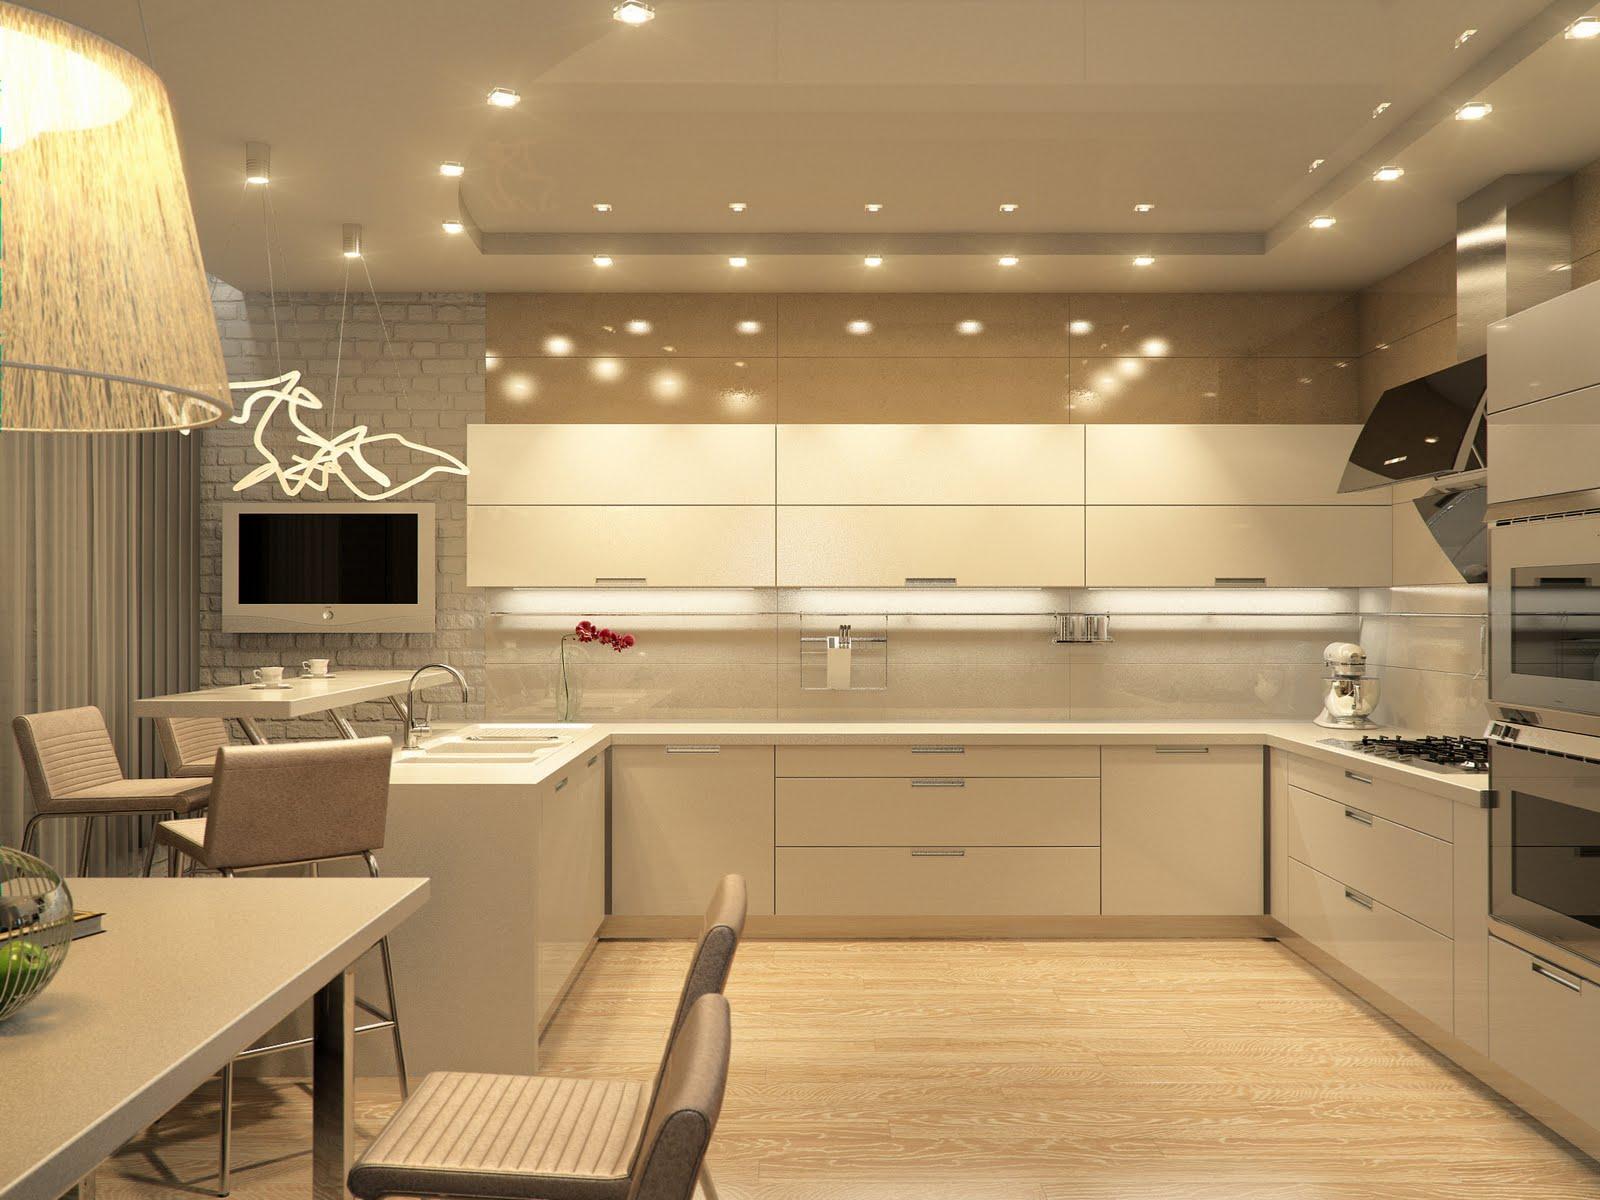 Классика, проверенная временем – Бежевая кухня и правильное освещение